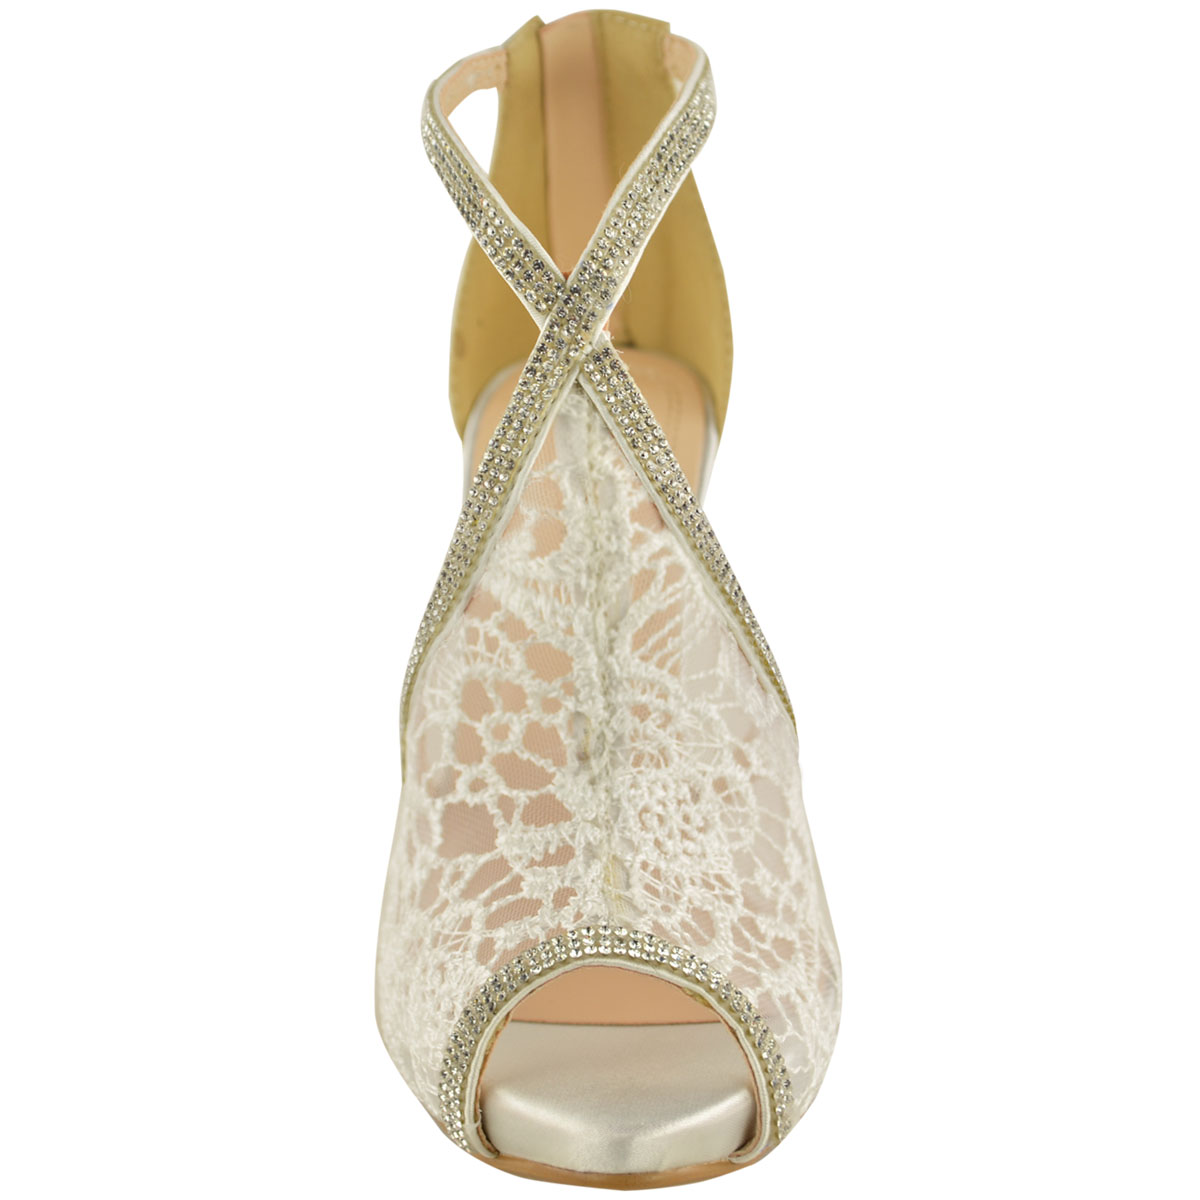 Senoras Para Mujer Boda Zapatos De Tacones Altos